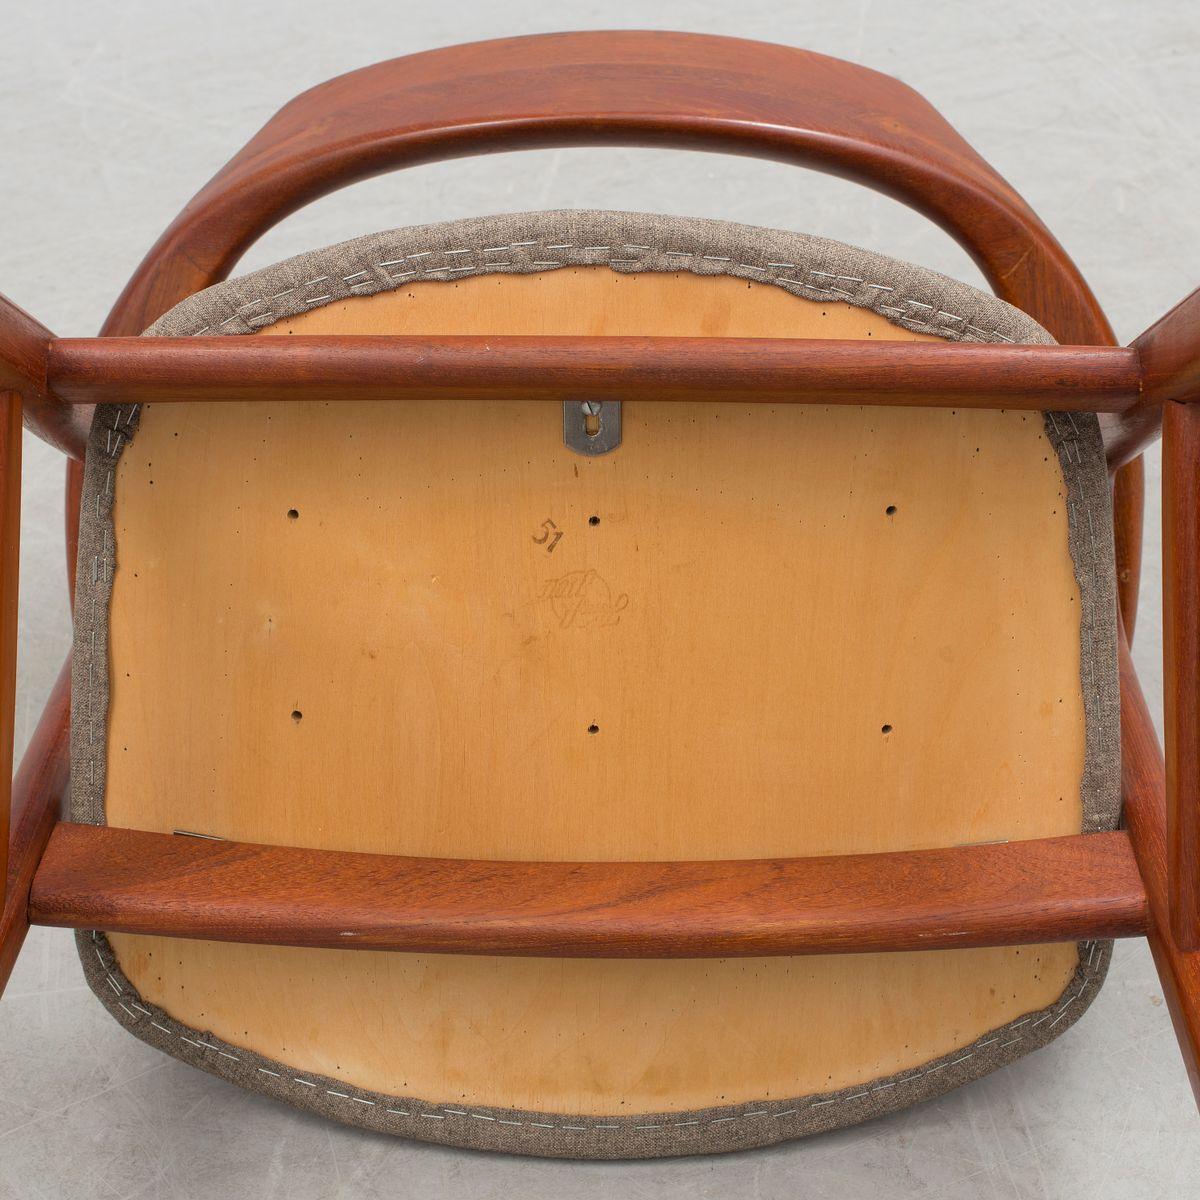 d nischer vintage schreibtischstuhl von erik kirkegaard. Black Bedroom Furniture Sets. Home Design Ideas